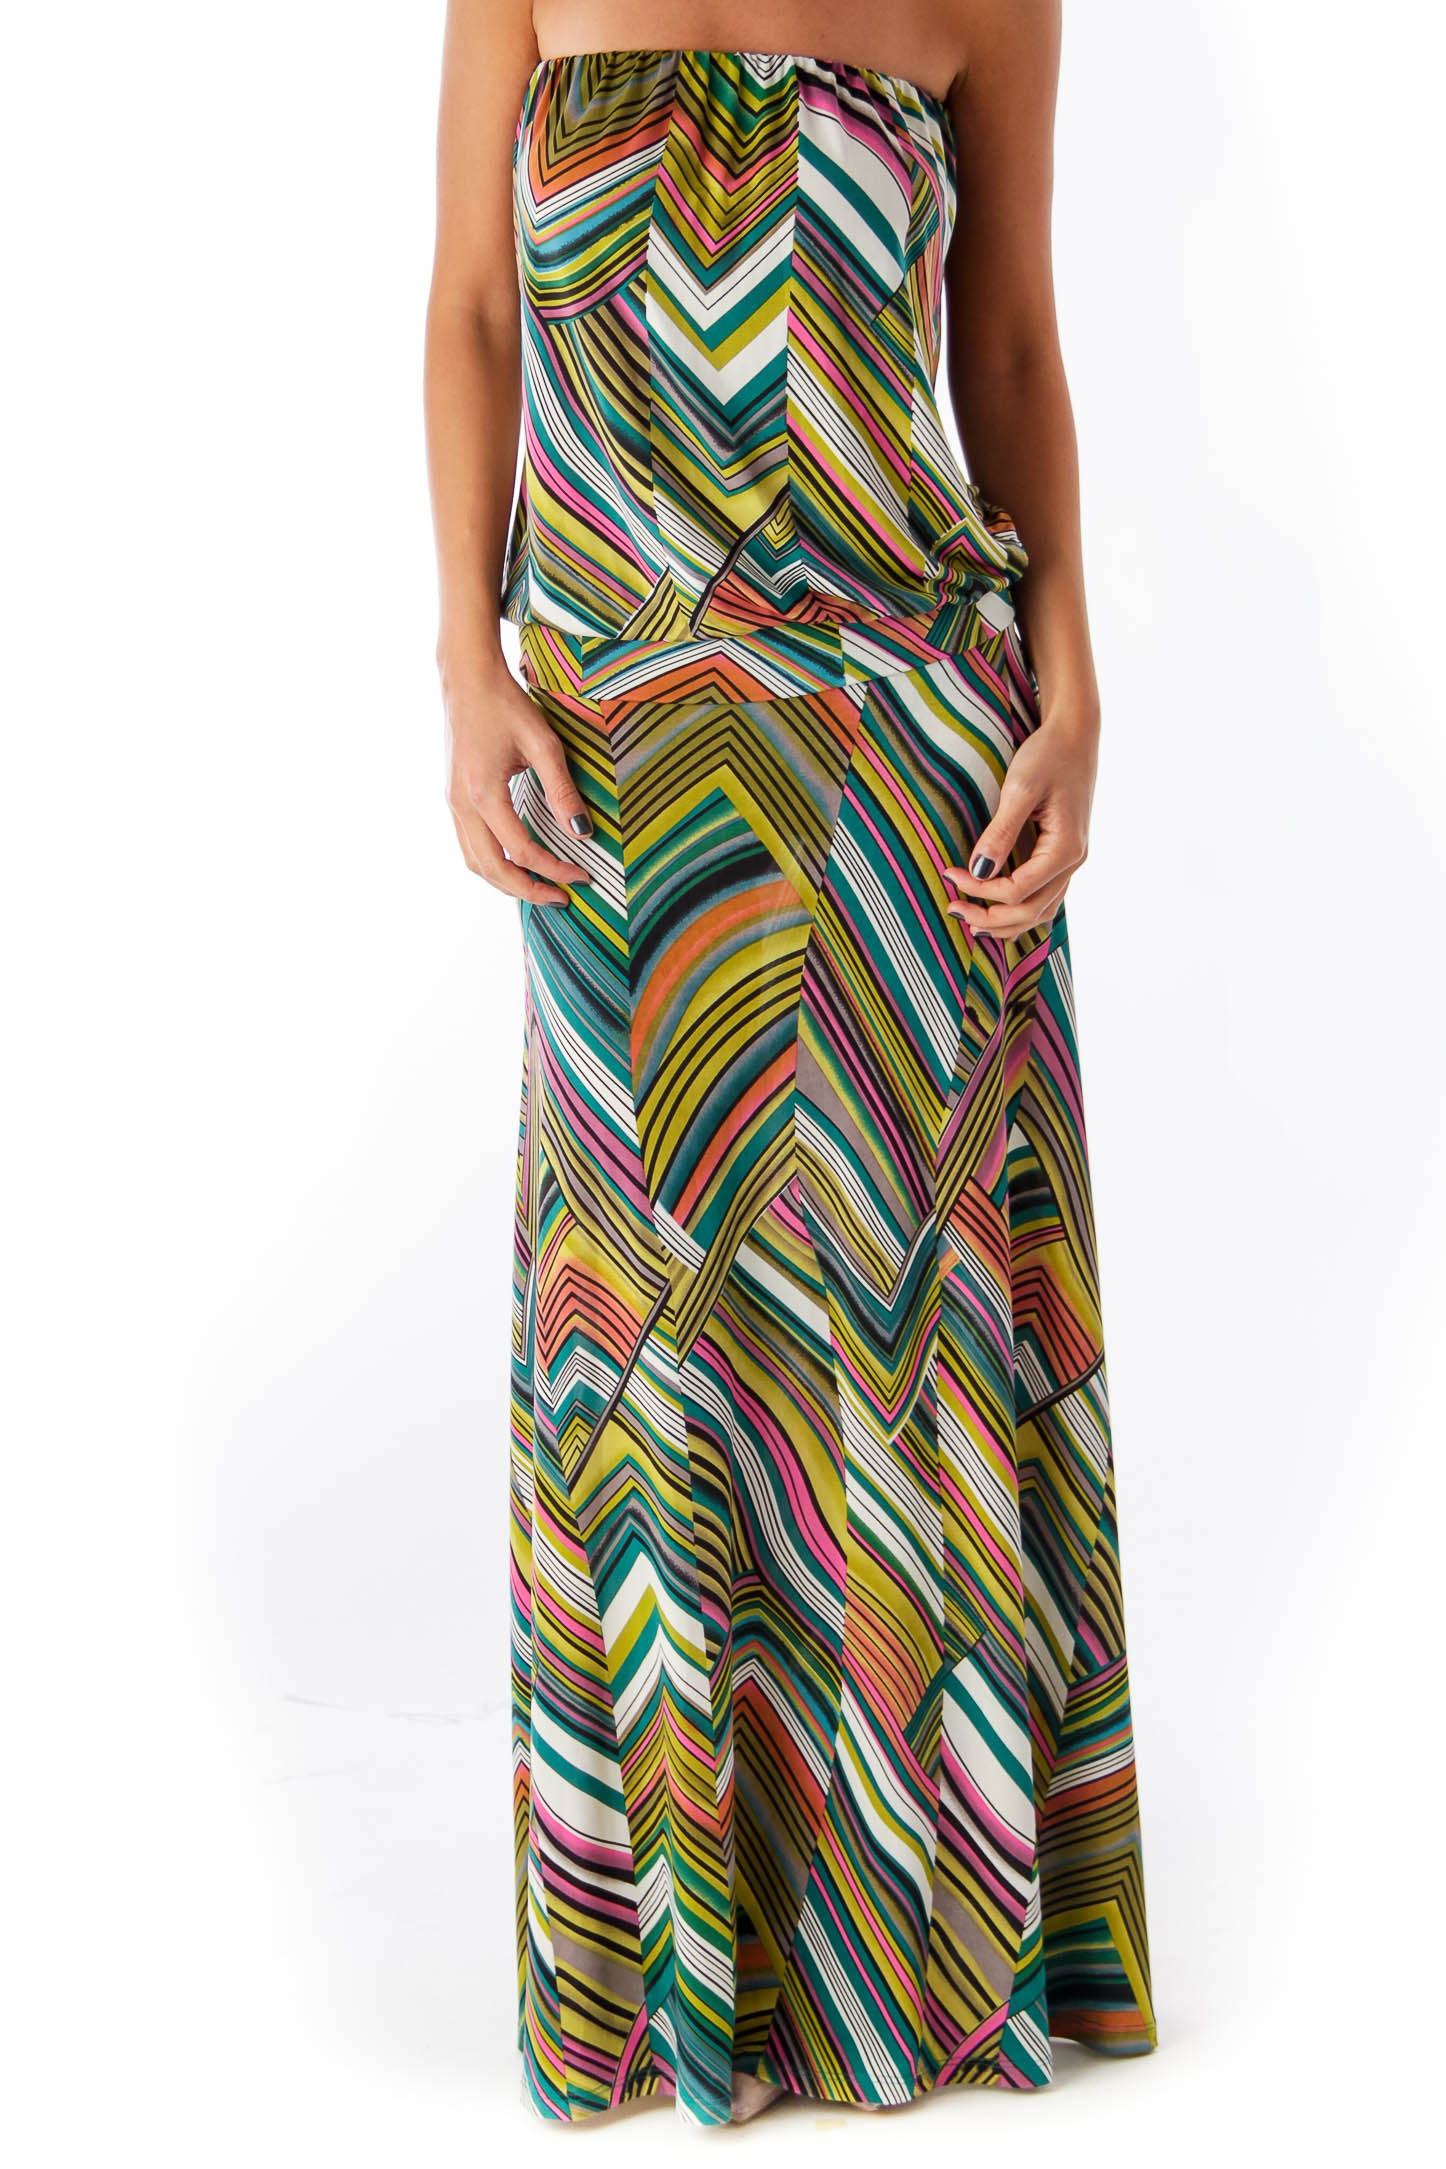 Print Chevron Long Strapless Dress